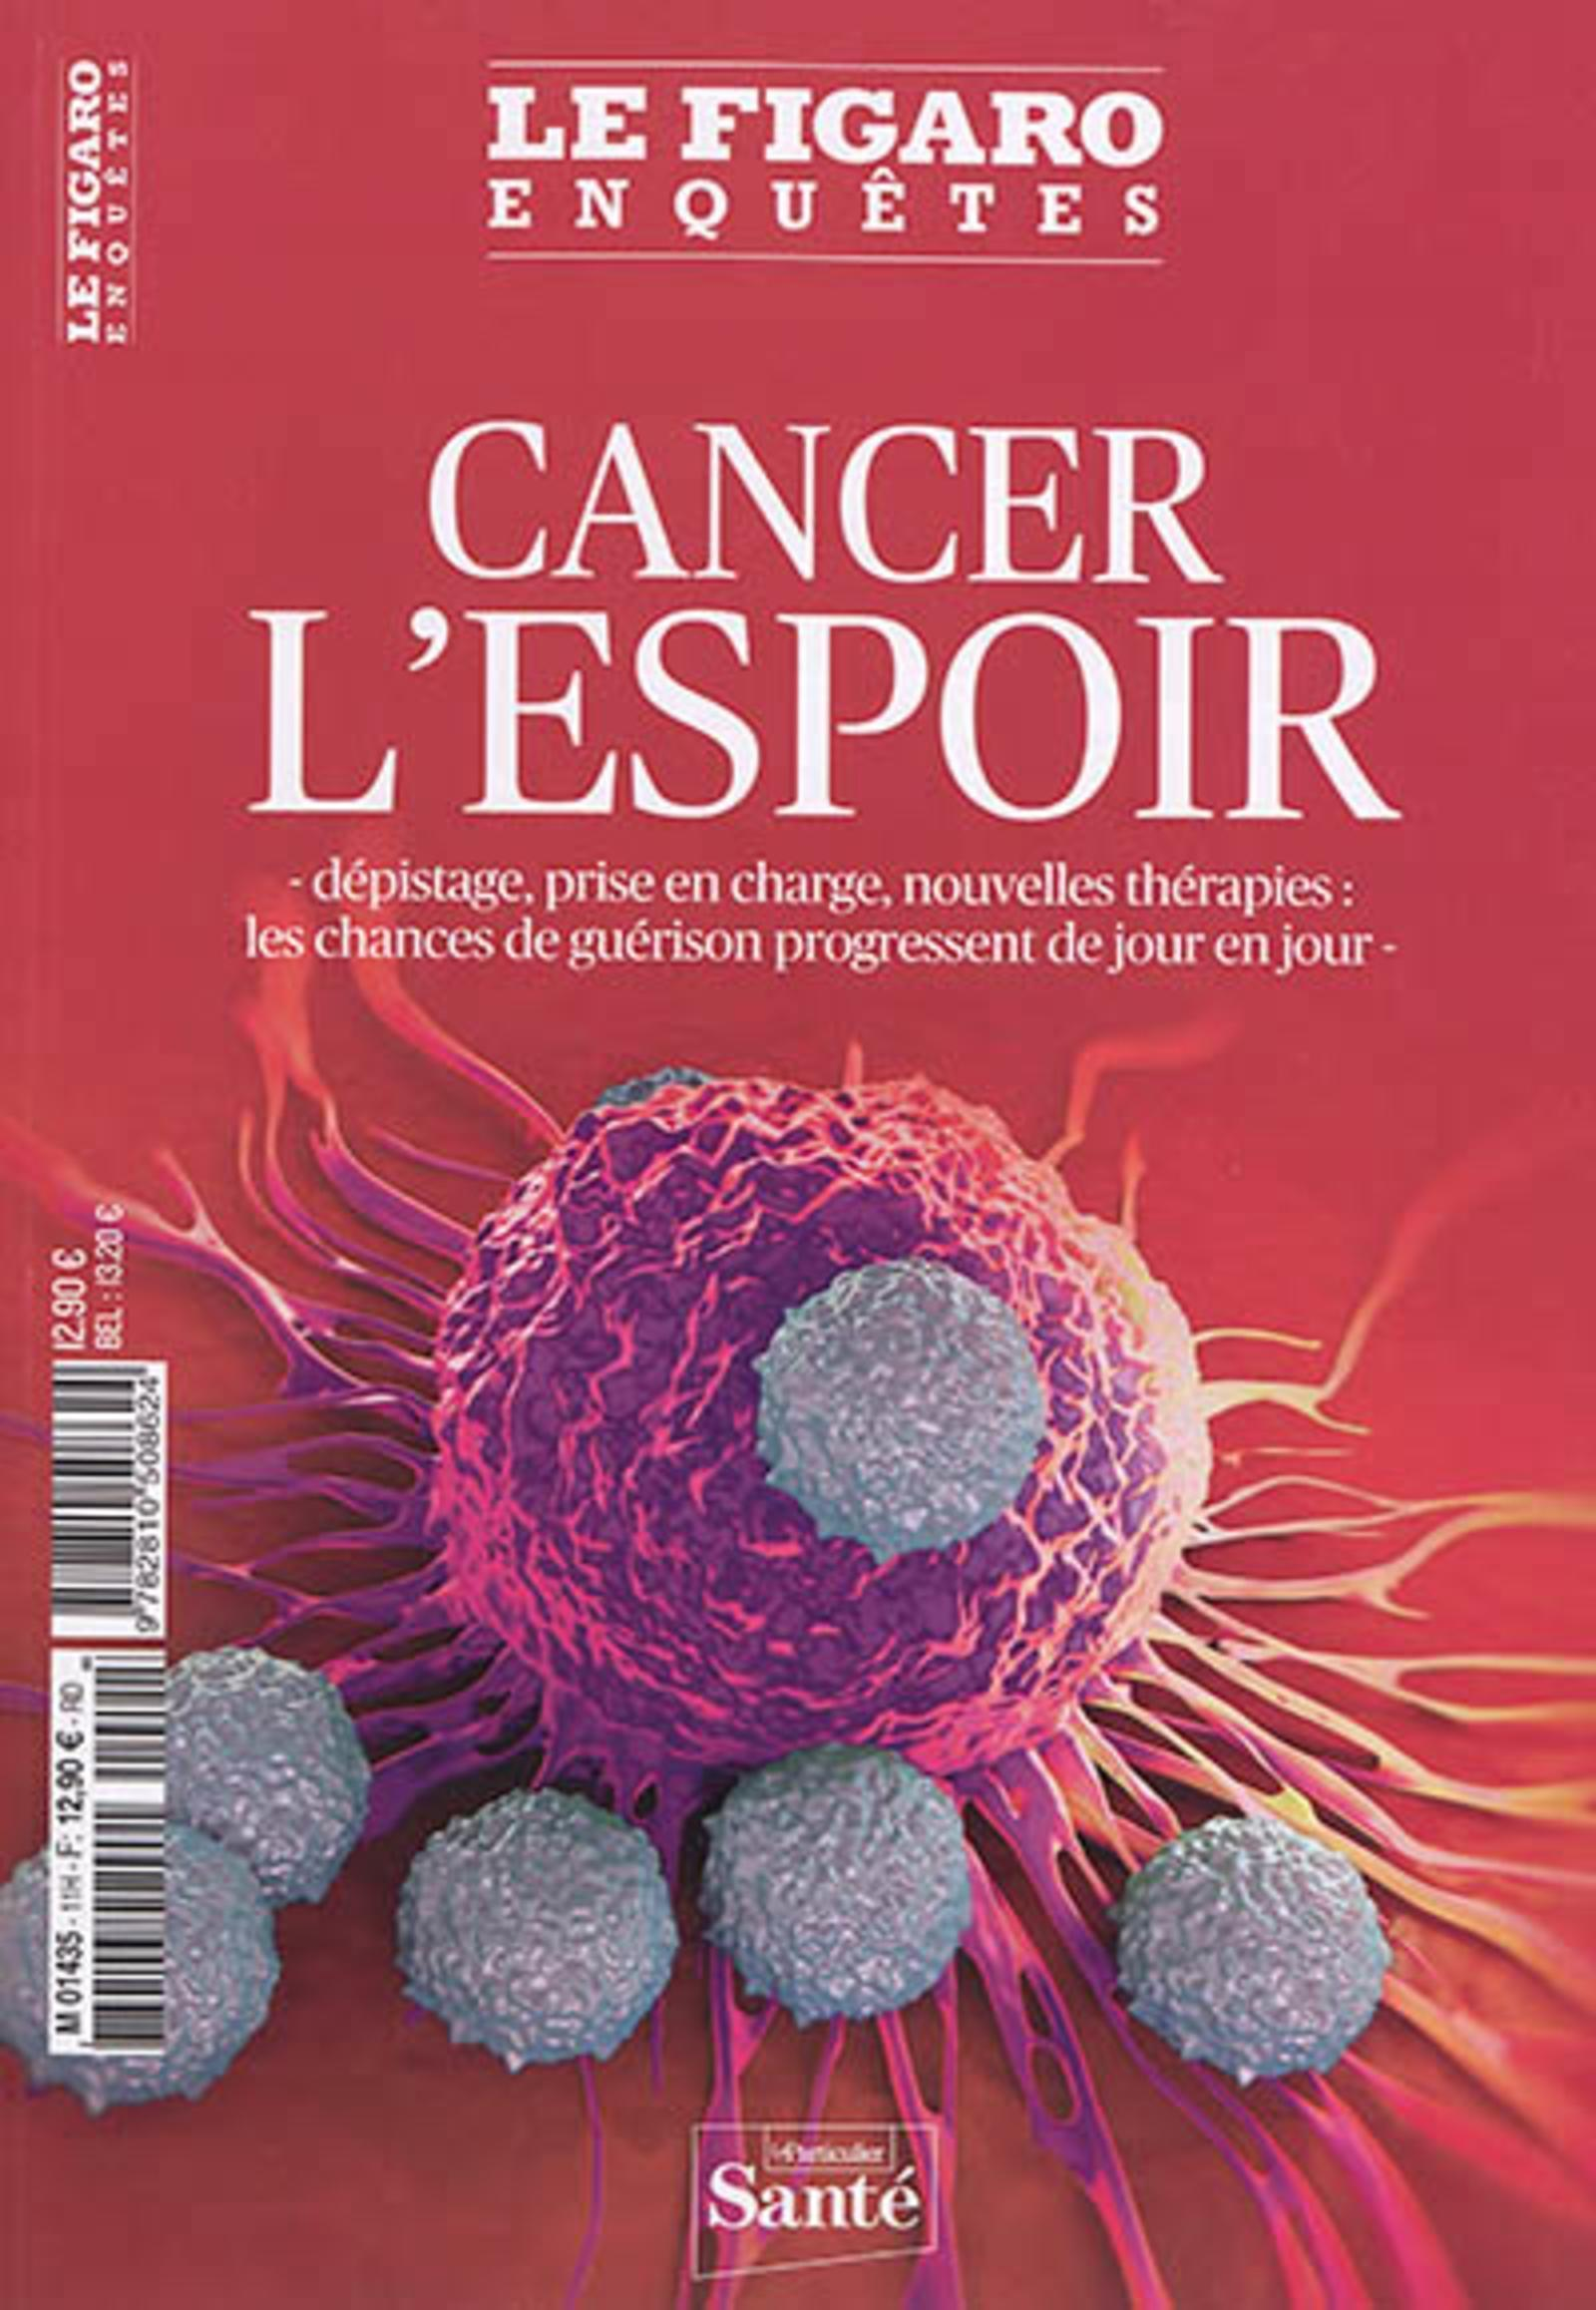 CANCER L ESPOIR - DEPISTAGE  PRISE EN CHARGE  NOUVELLES THERAPIES  LES CHANCES DE GUERISON PROGRES